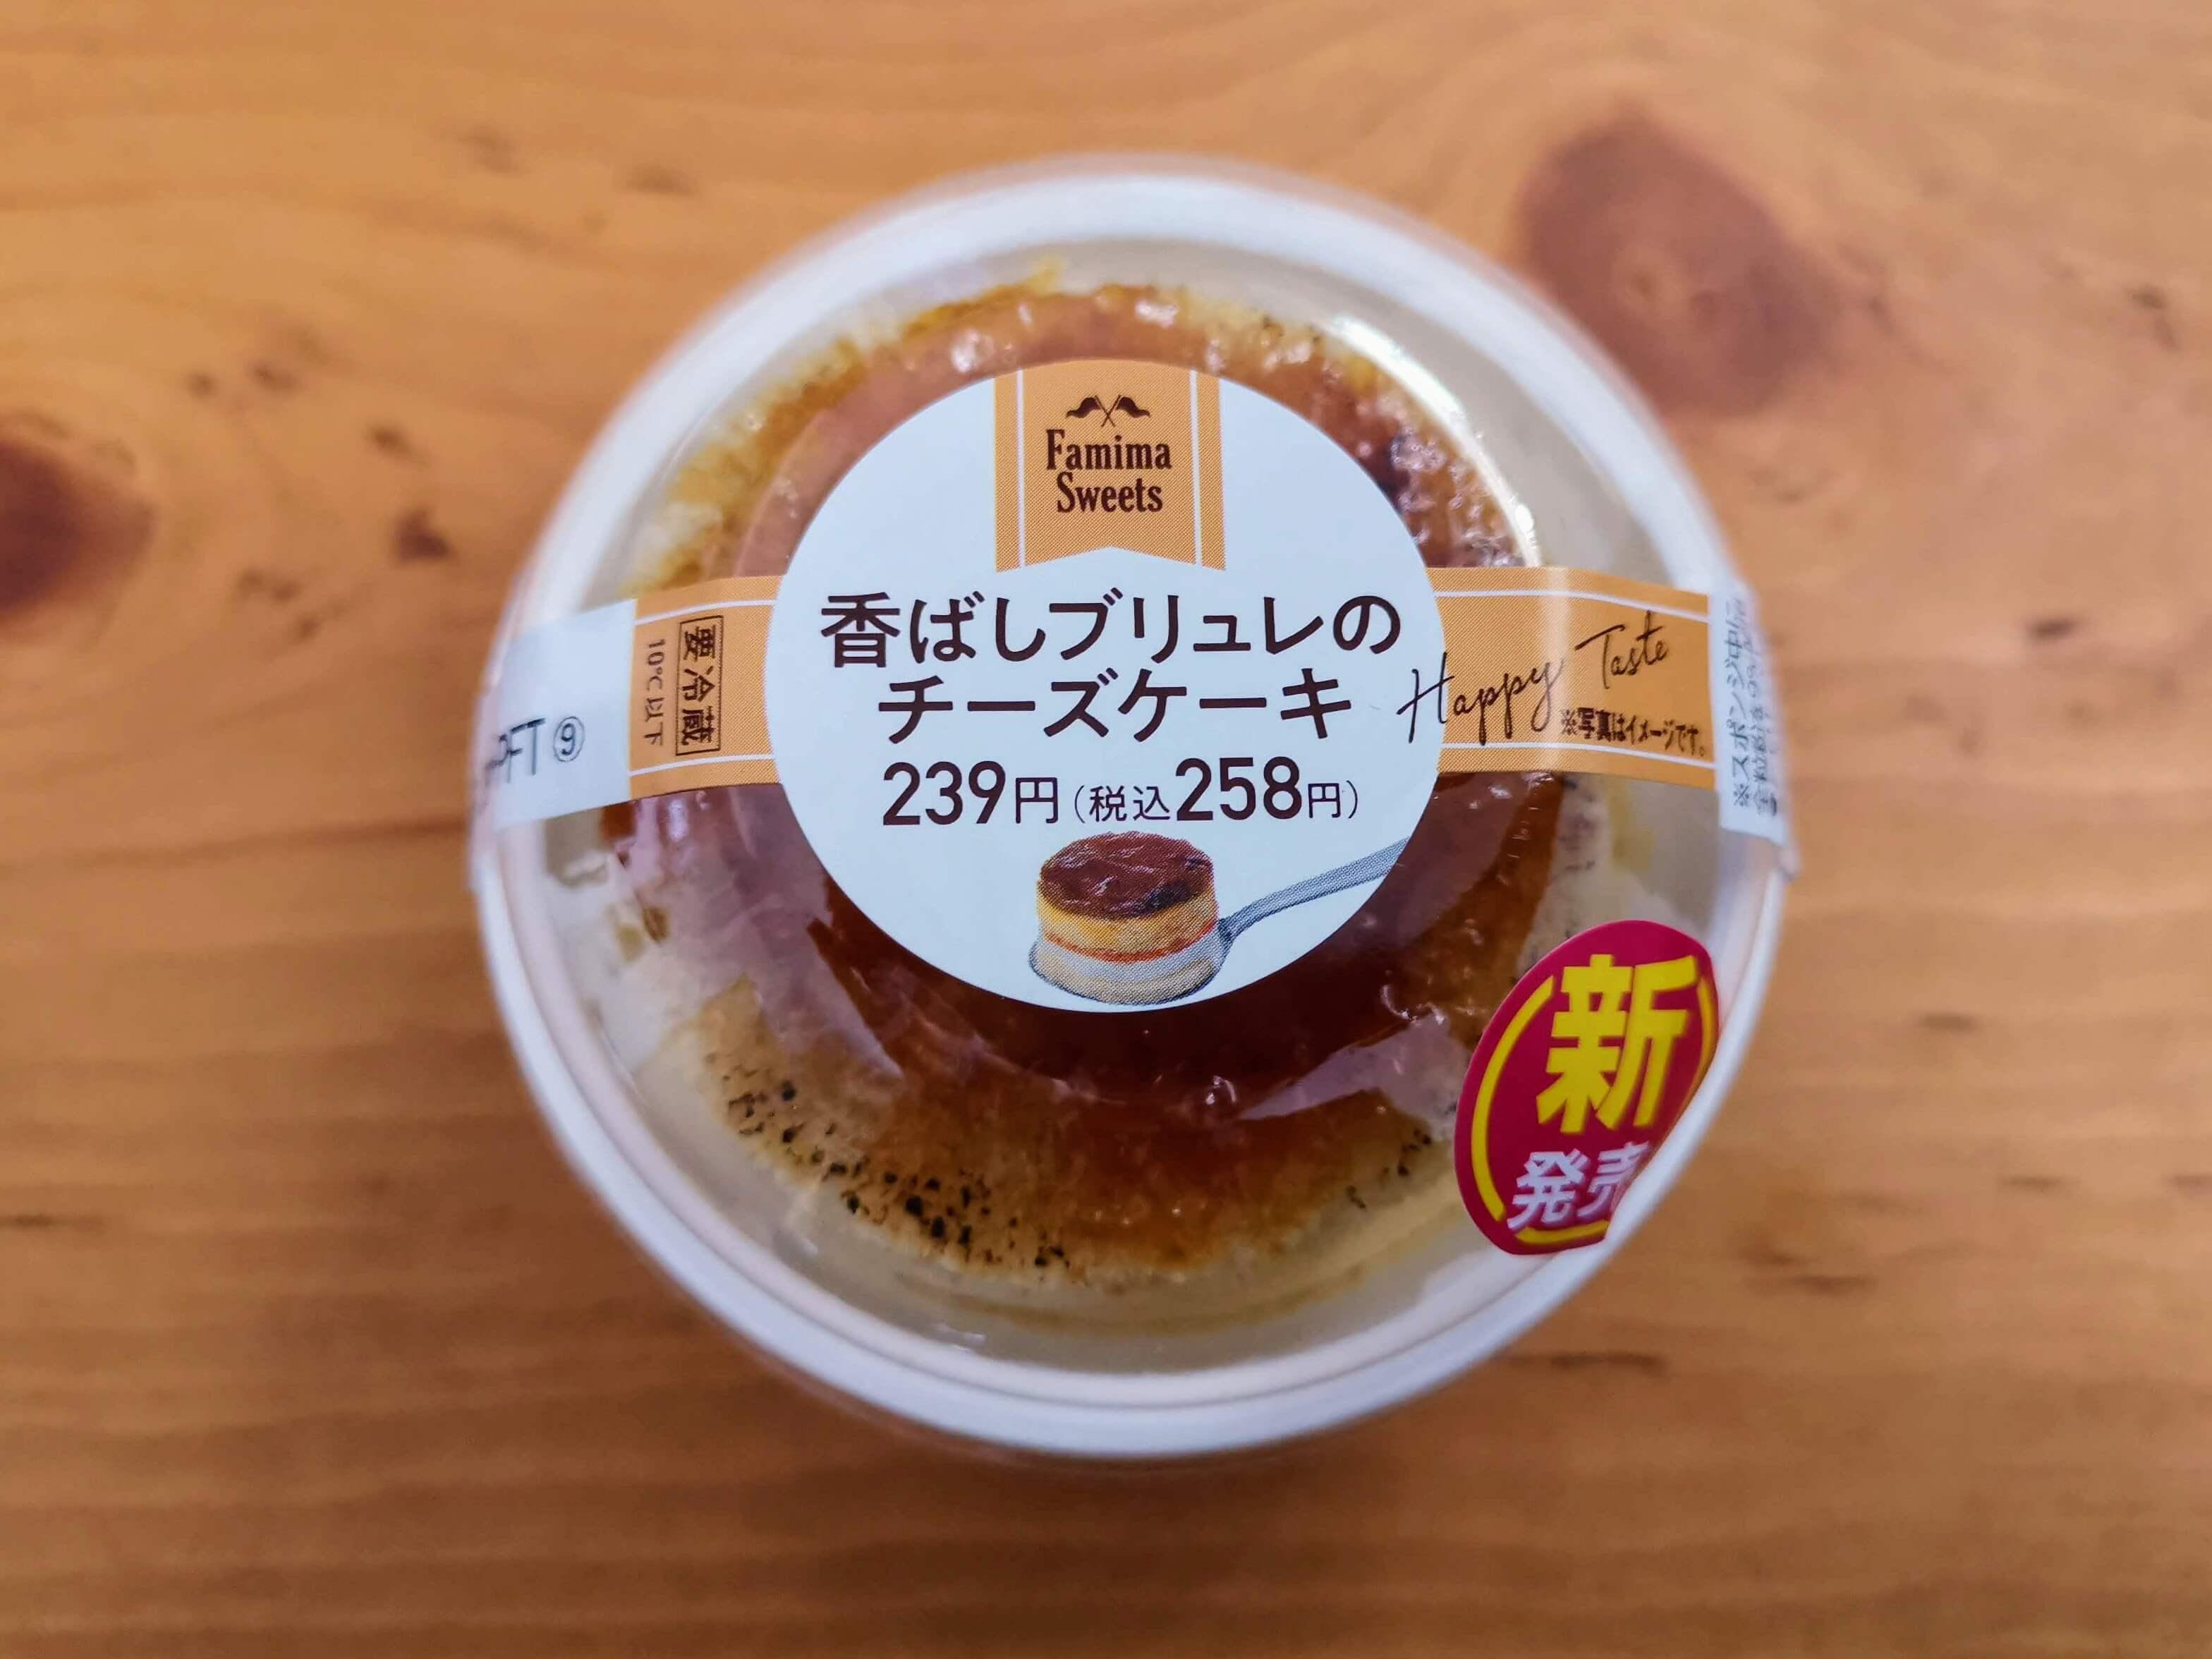 ファミリーマート・(株)プリンス 香ばしブリュレのチーズケーキ